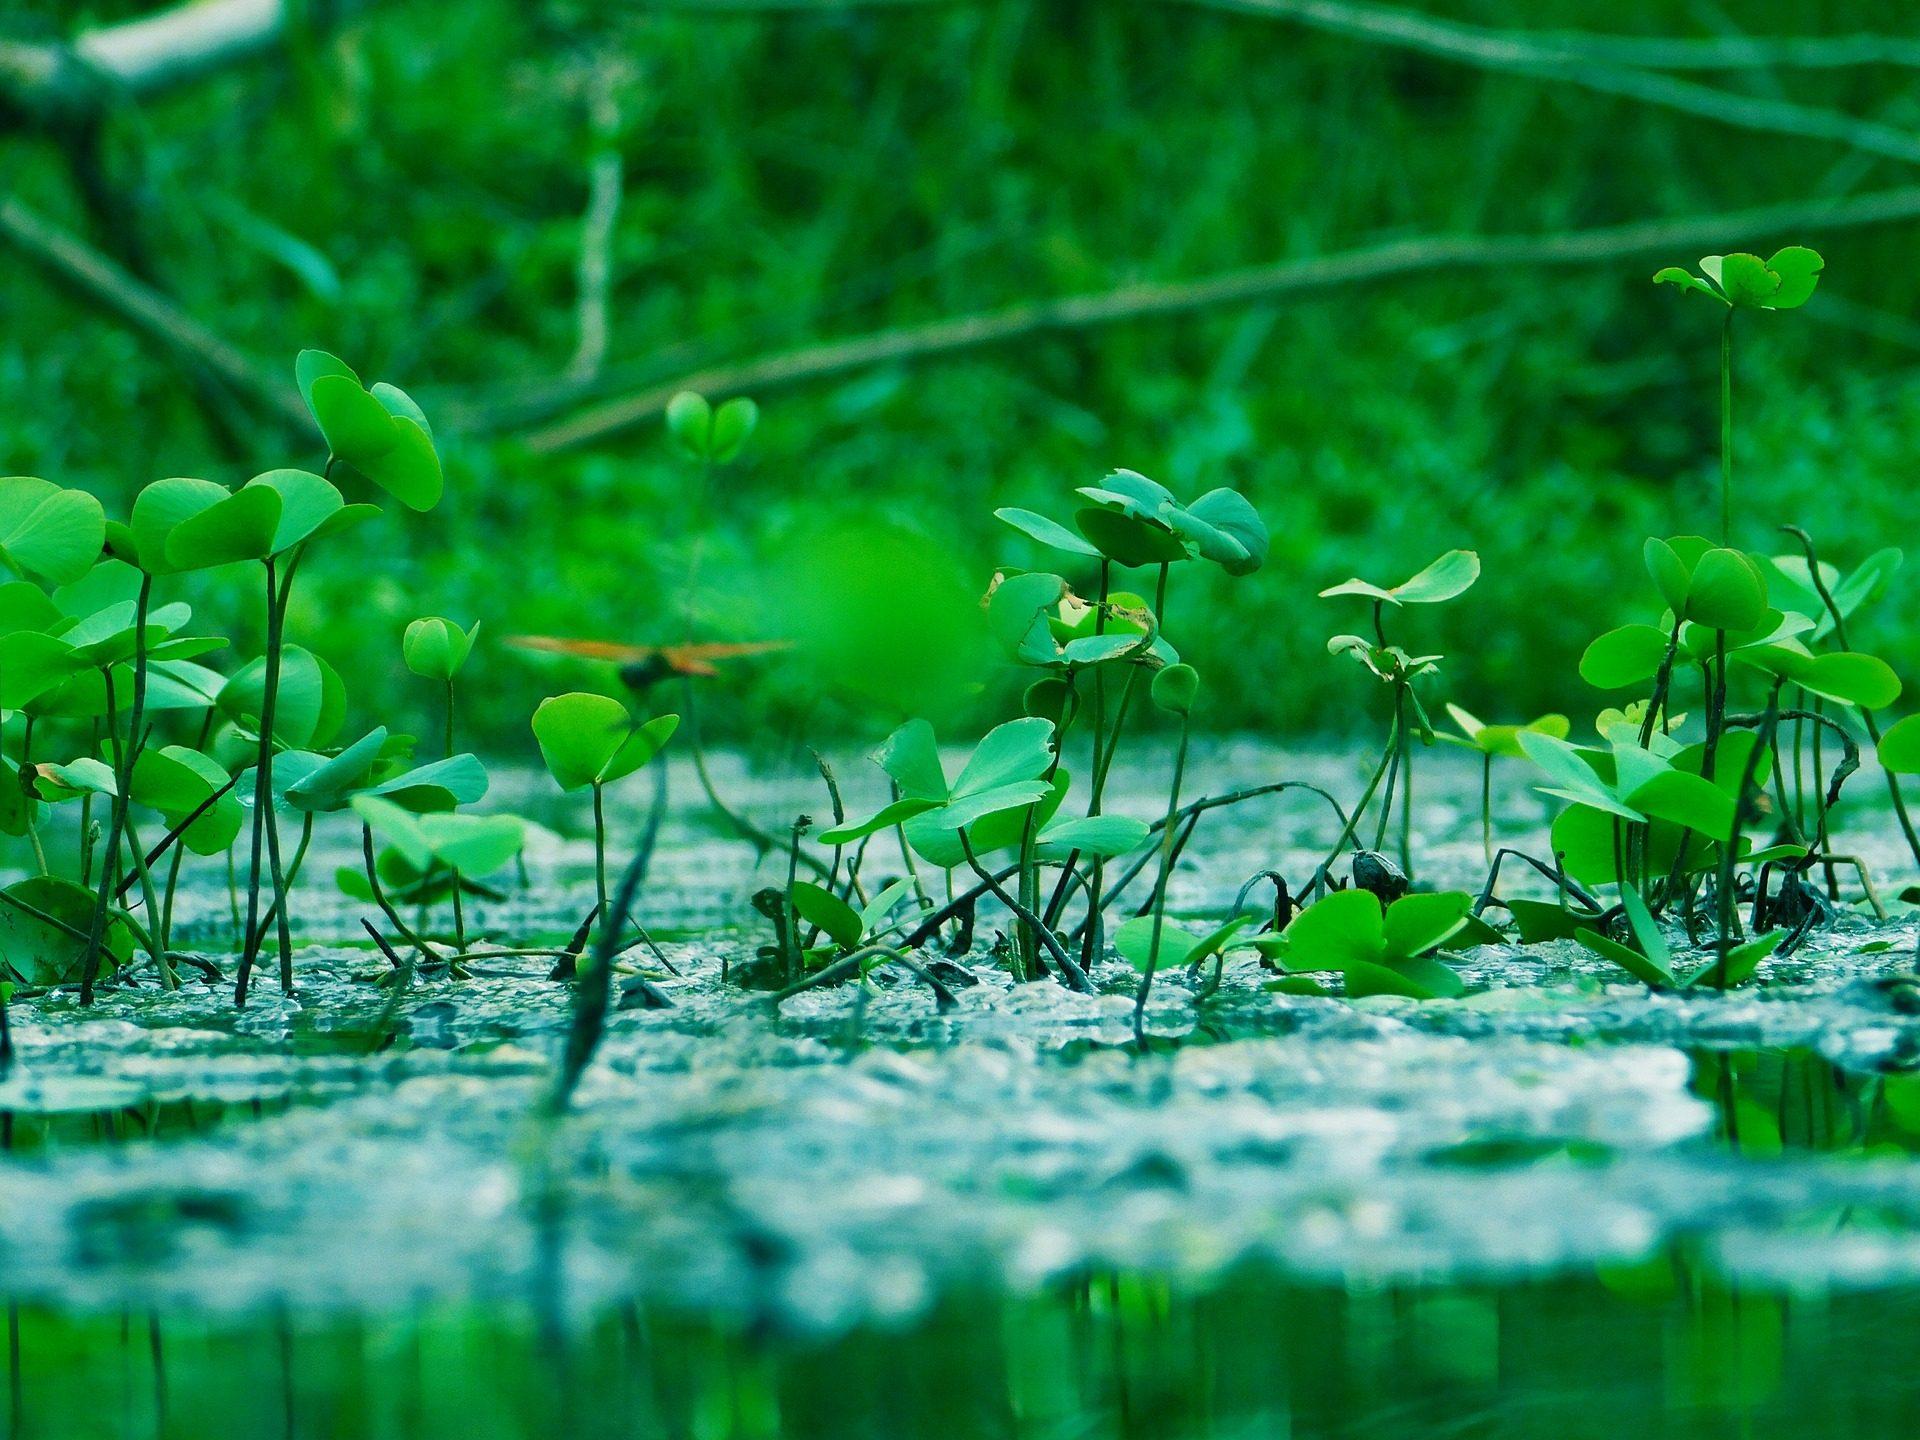 εστίες, φύλλα, φυτά, Ποταμός, Laguna, νερό - Wallpapers HD - Professor-falken.com